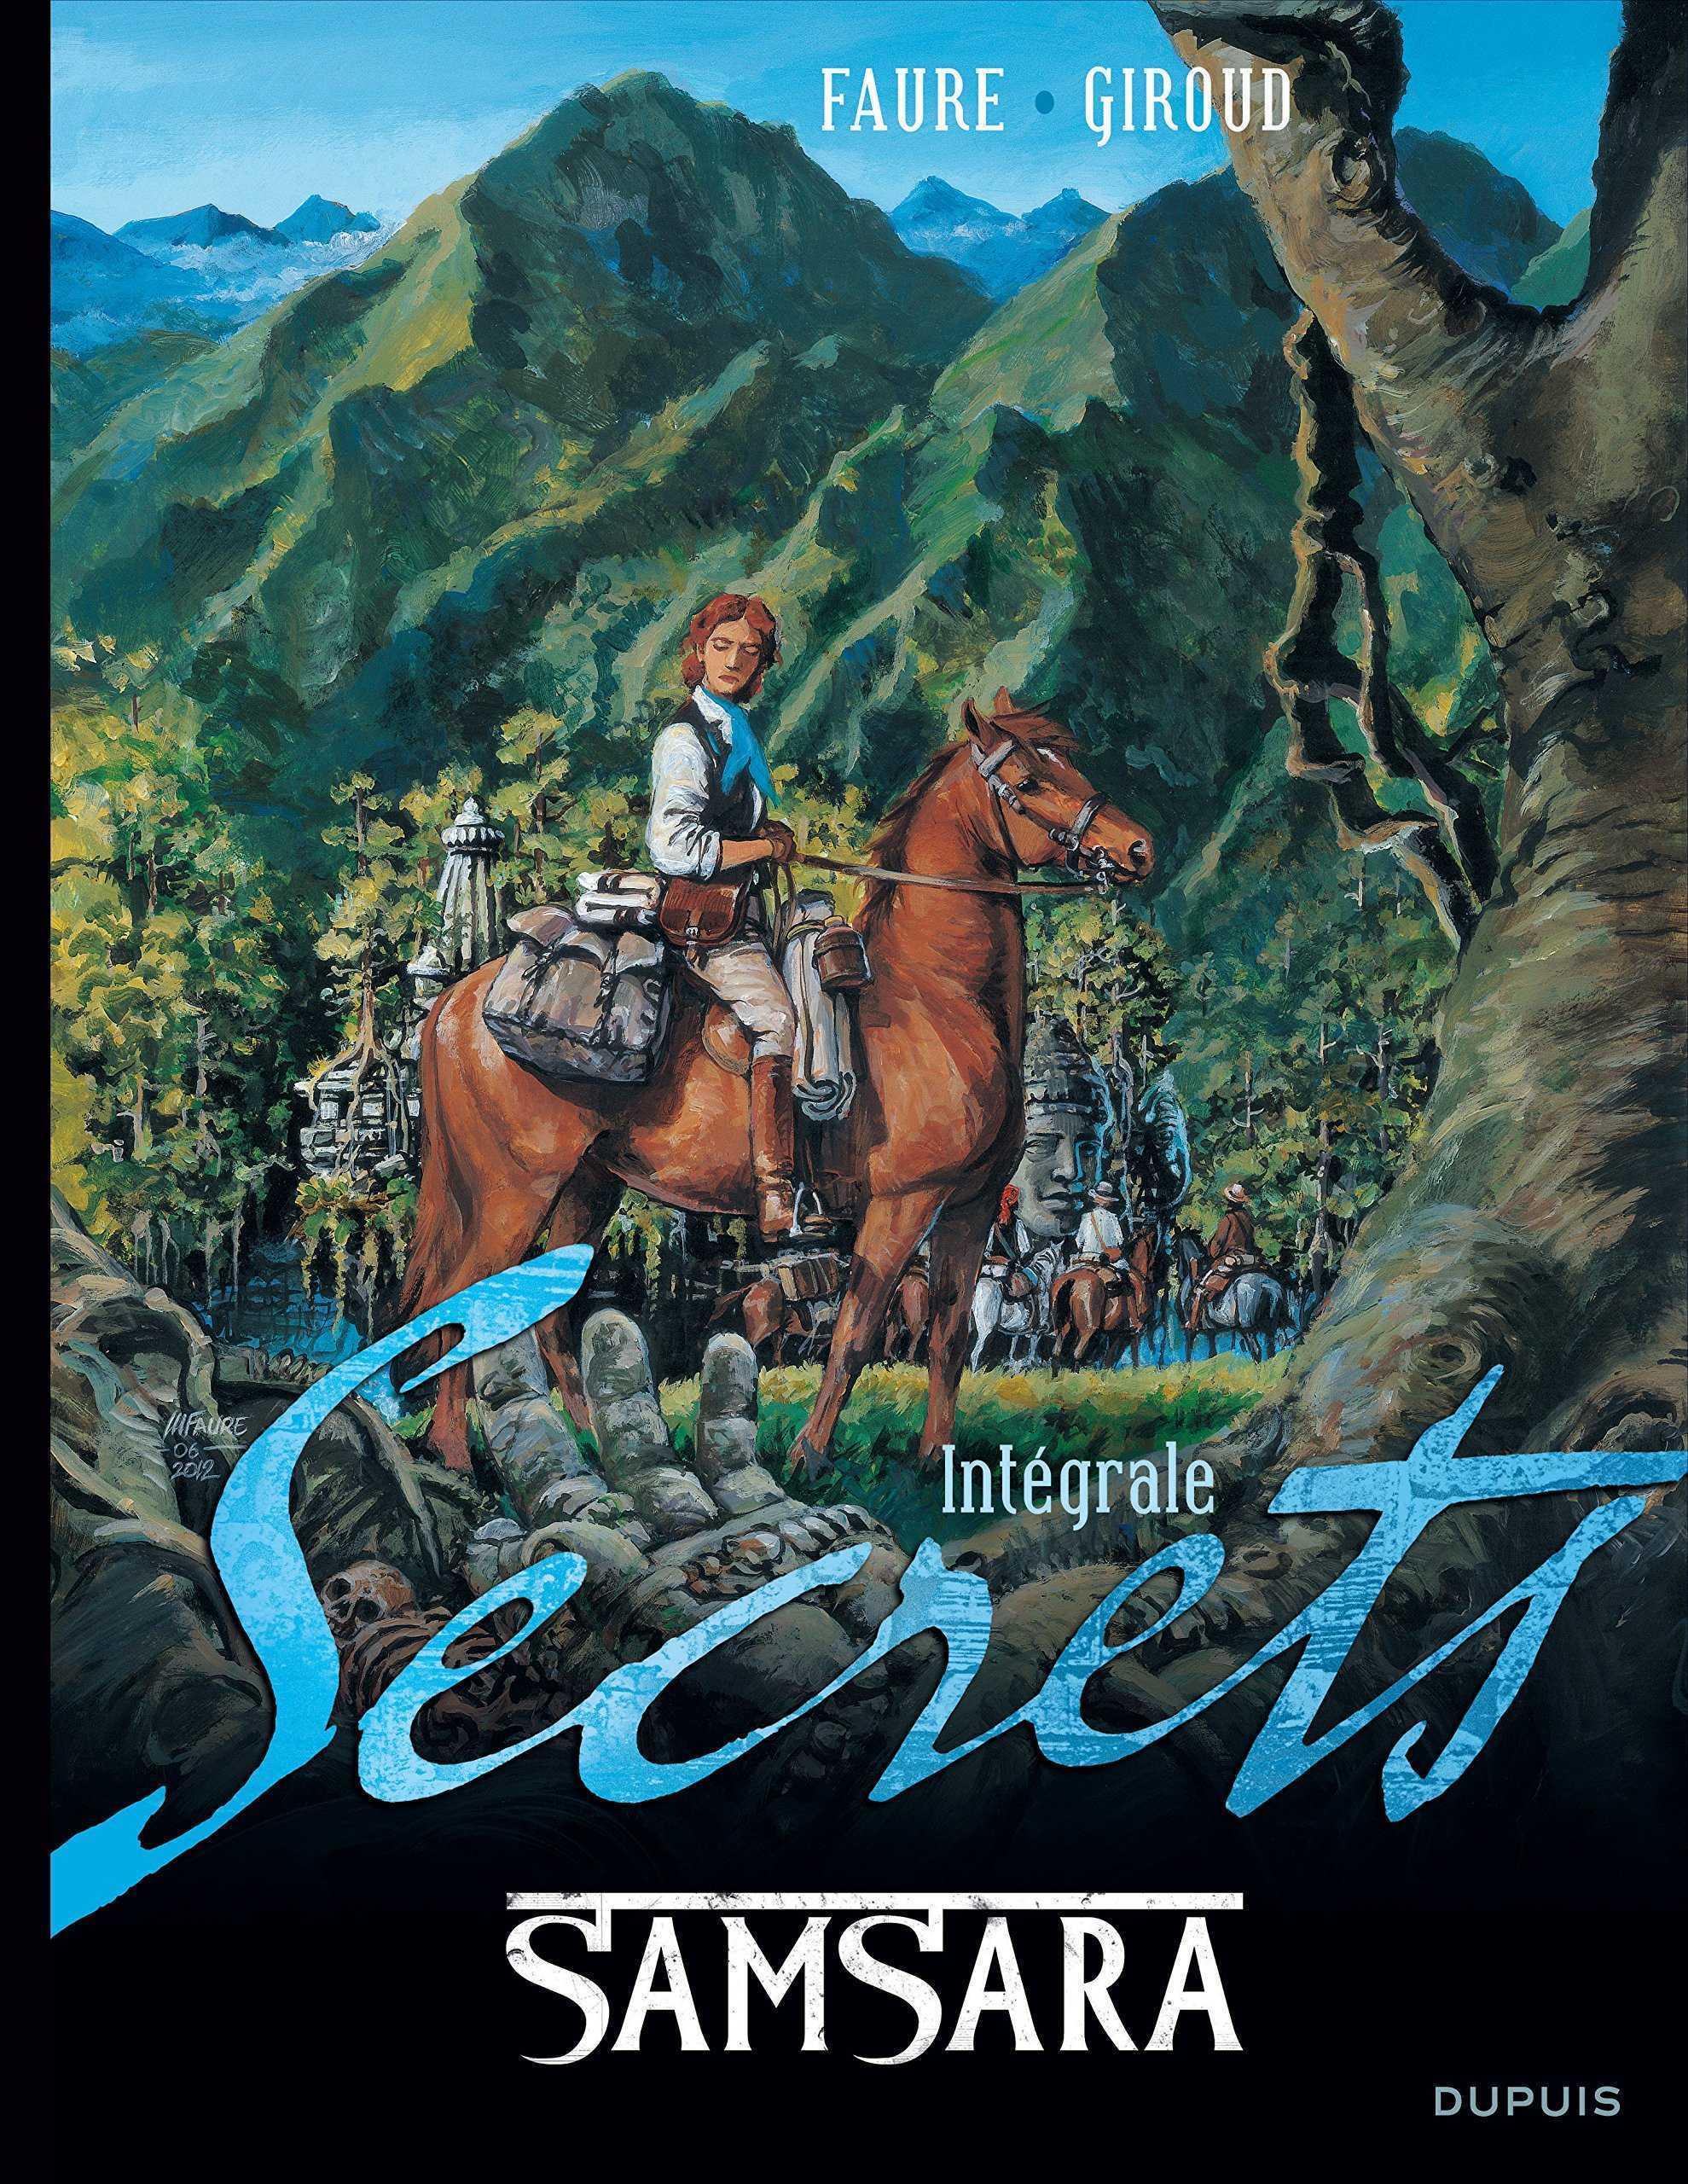 Samsara, une chasse au trésor dans la jungle des Indes